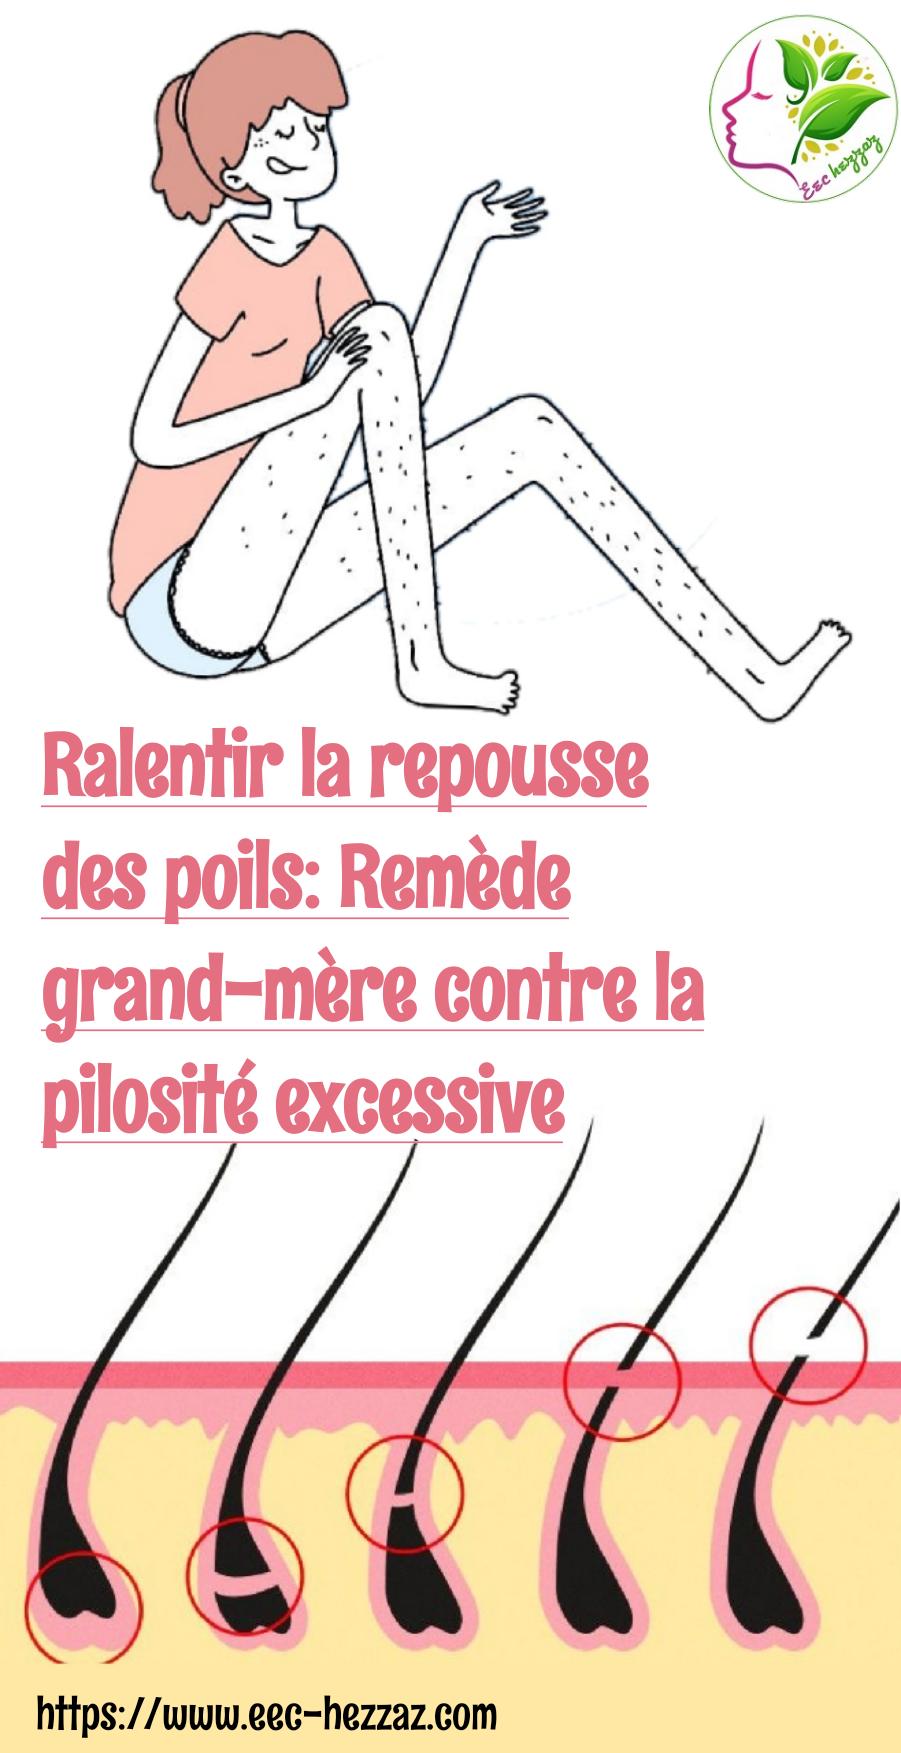 Ralentir la repousse des poils: Remède grand-mère contre la pilosité excessive